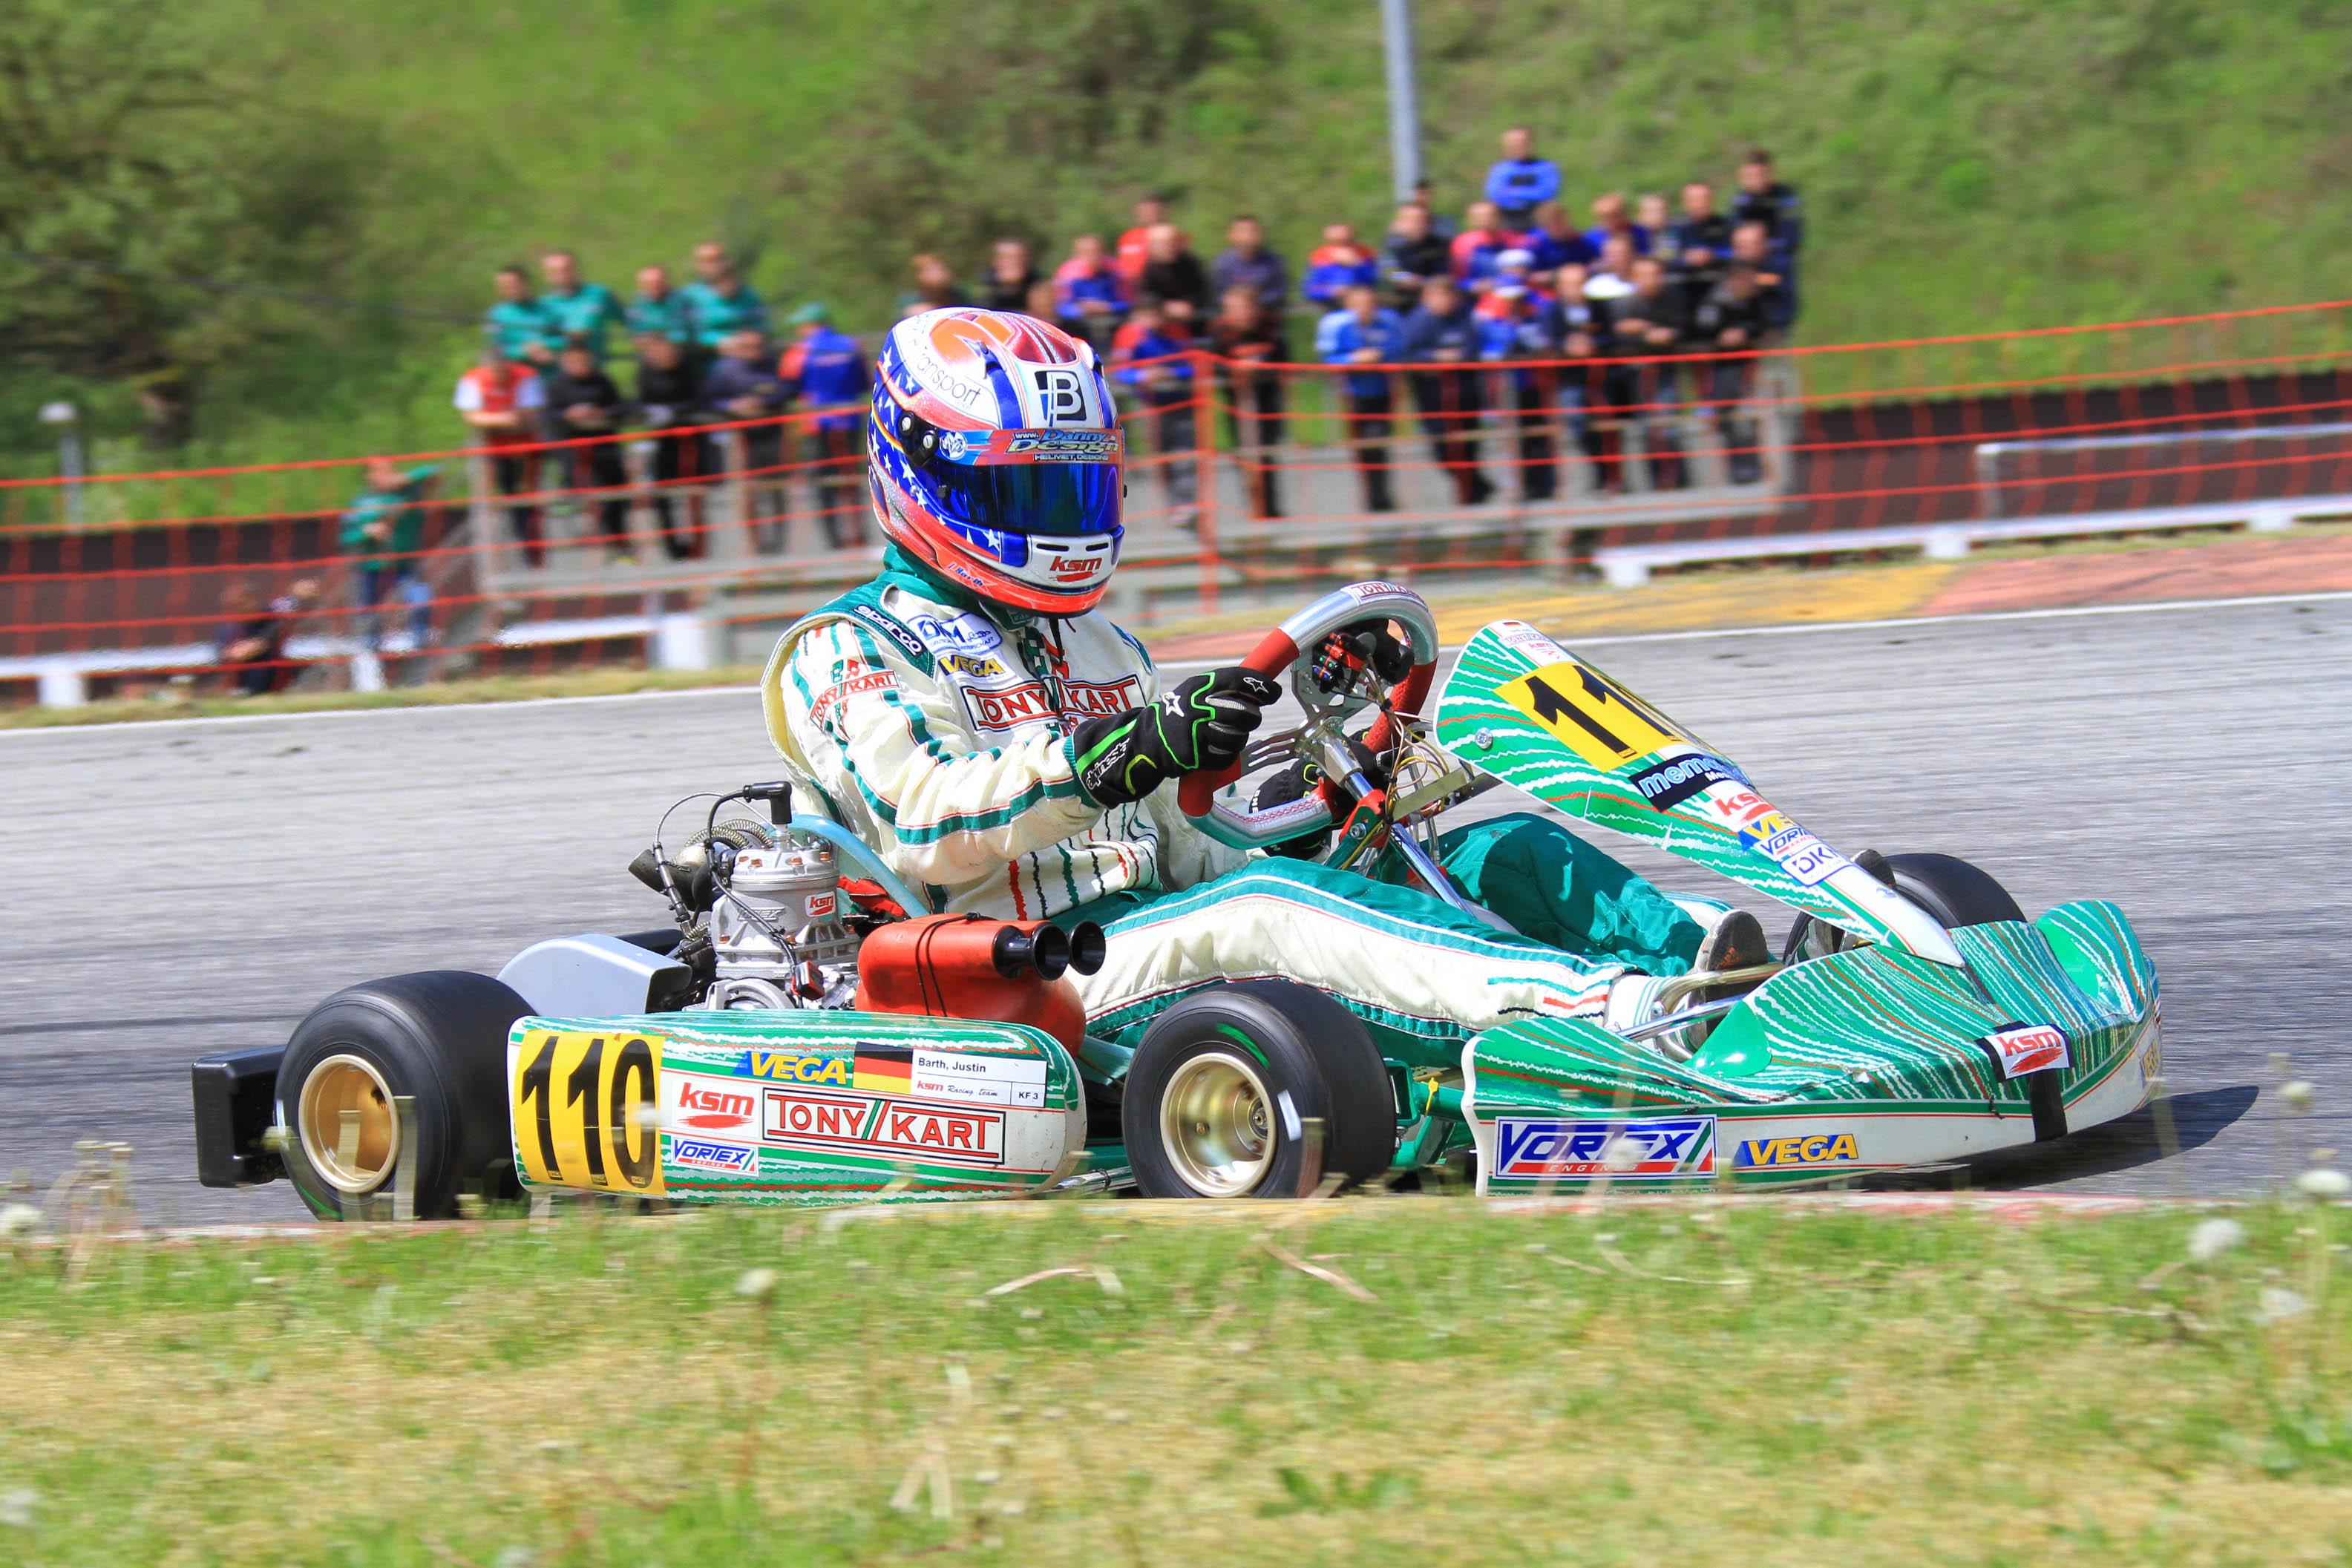 DKM-Auftakt mit Hürden für KSM Racing Team